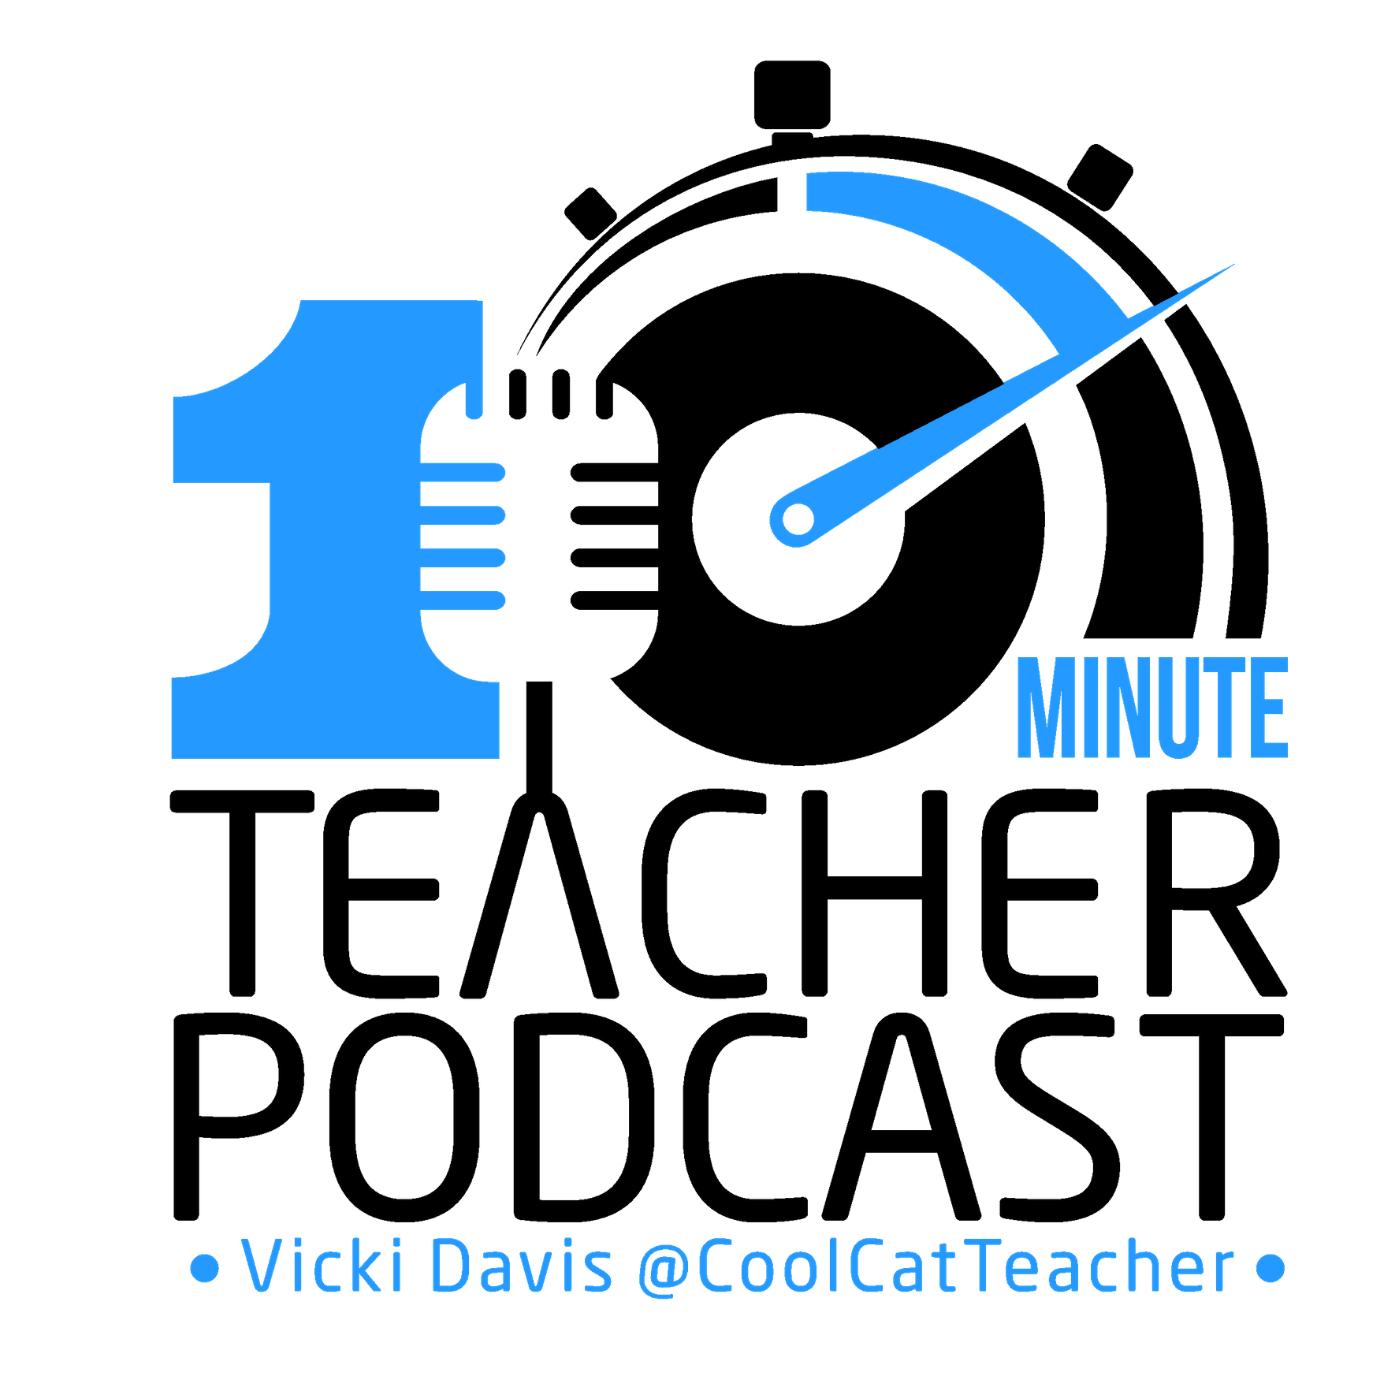 10-minute-teacher-podcast-coolcatteacher-1.png